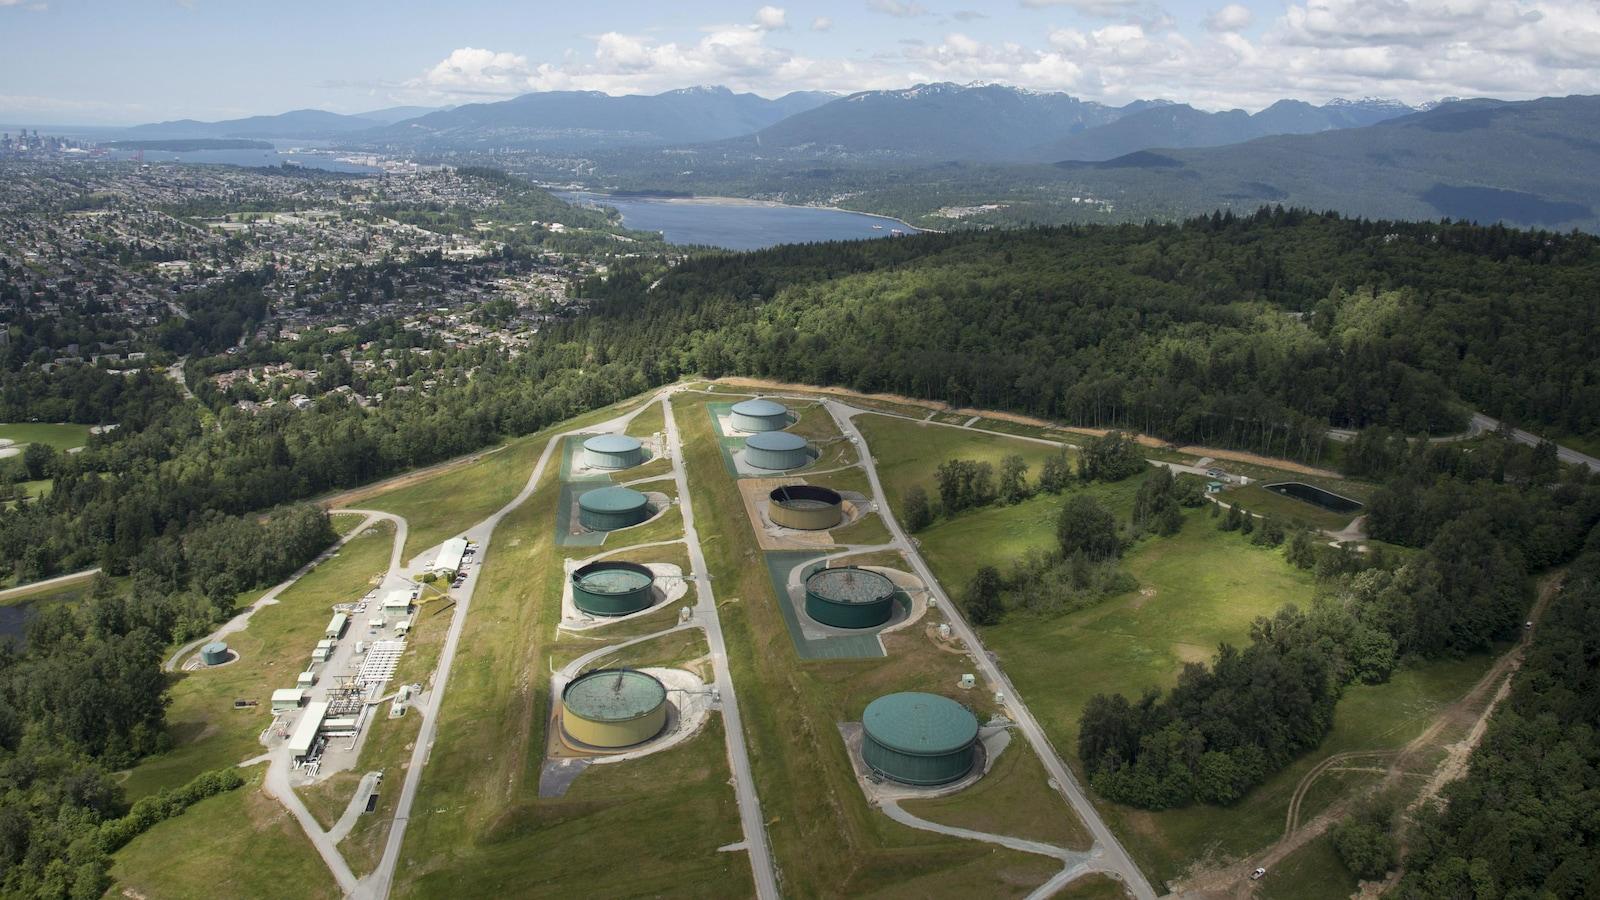 Vue aérienne d'un site où se trouvent plusieurs réservoirs.